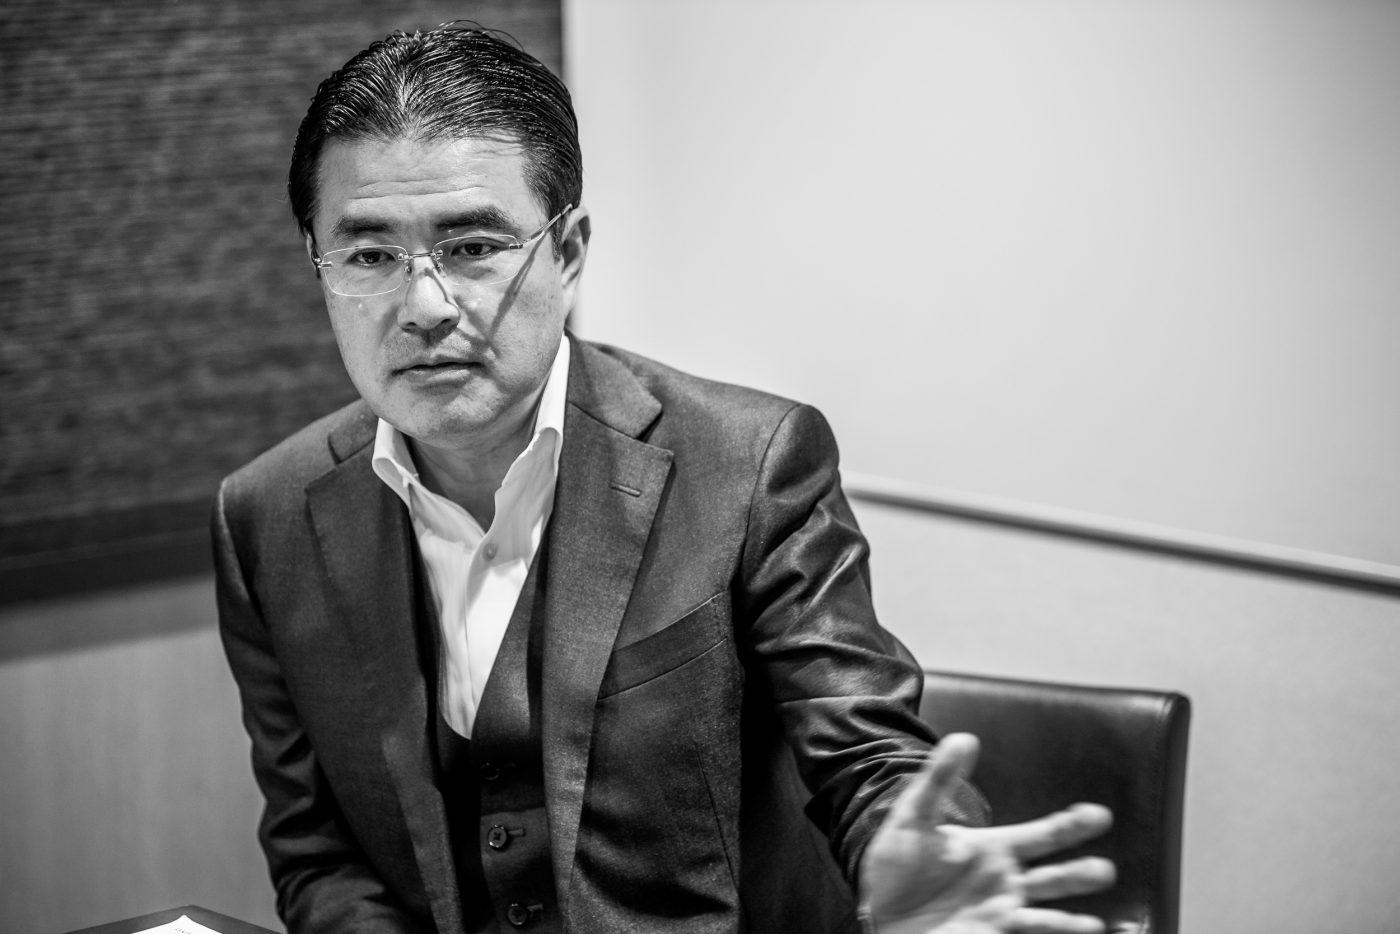 【対談】日本の小売において重要となるのは、「店舗や人の再定義」 田中道昭×奥谷孝司(第1回)